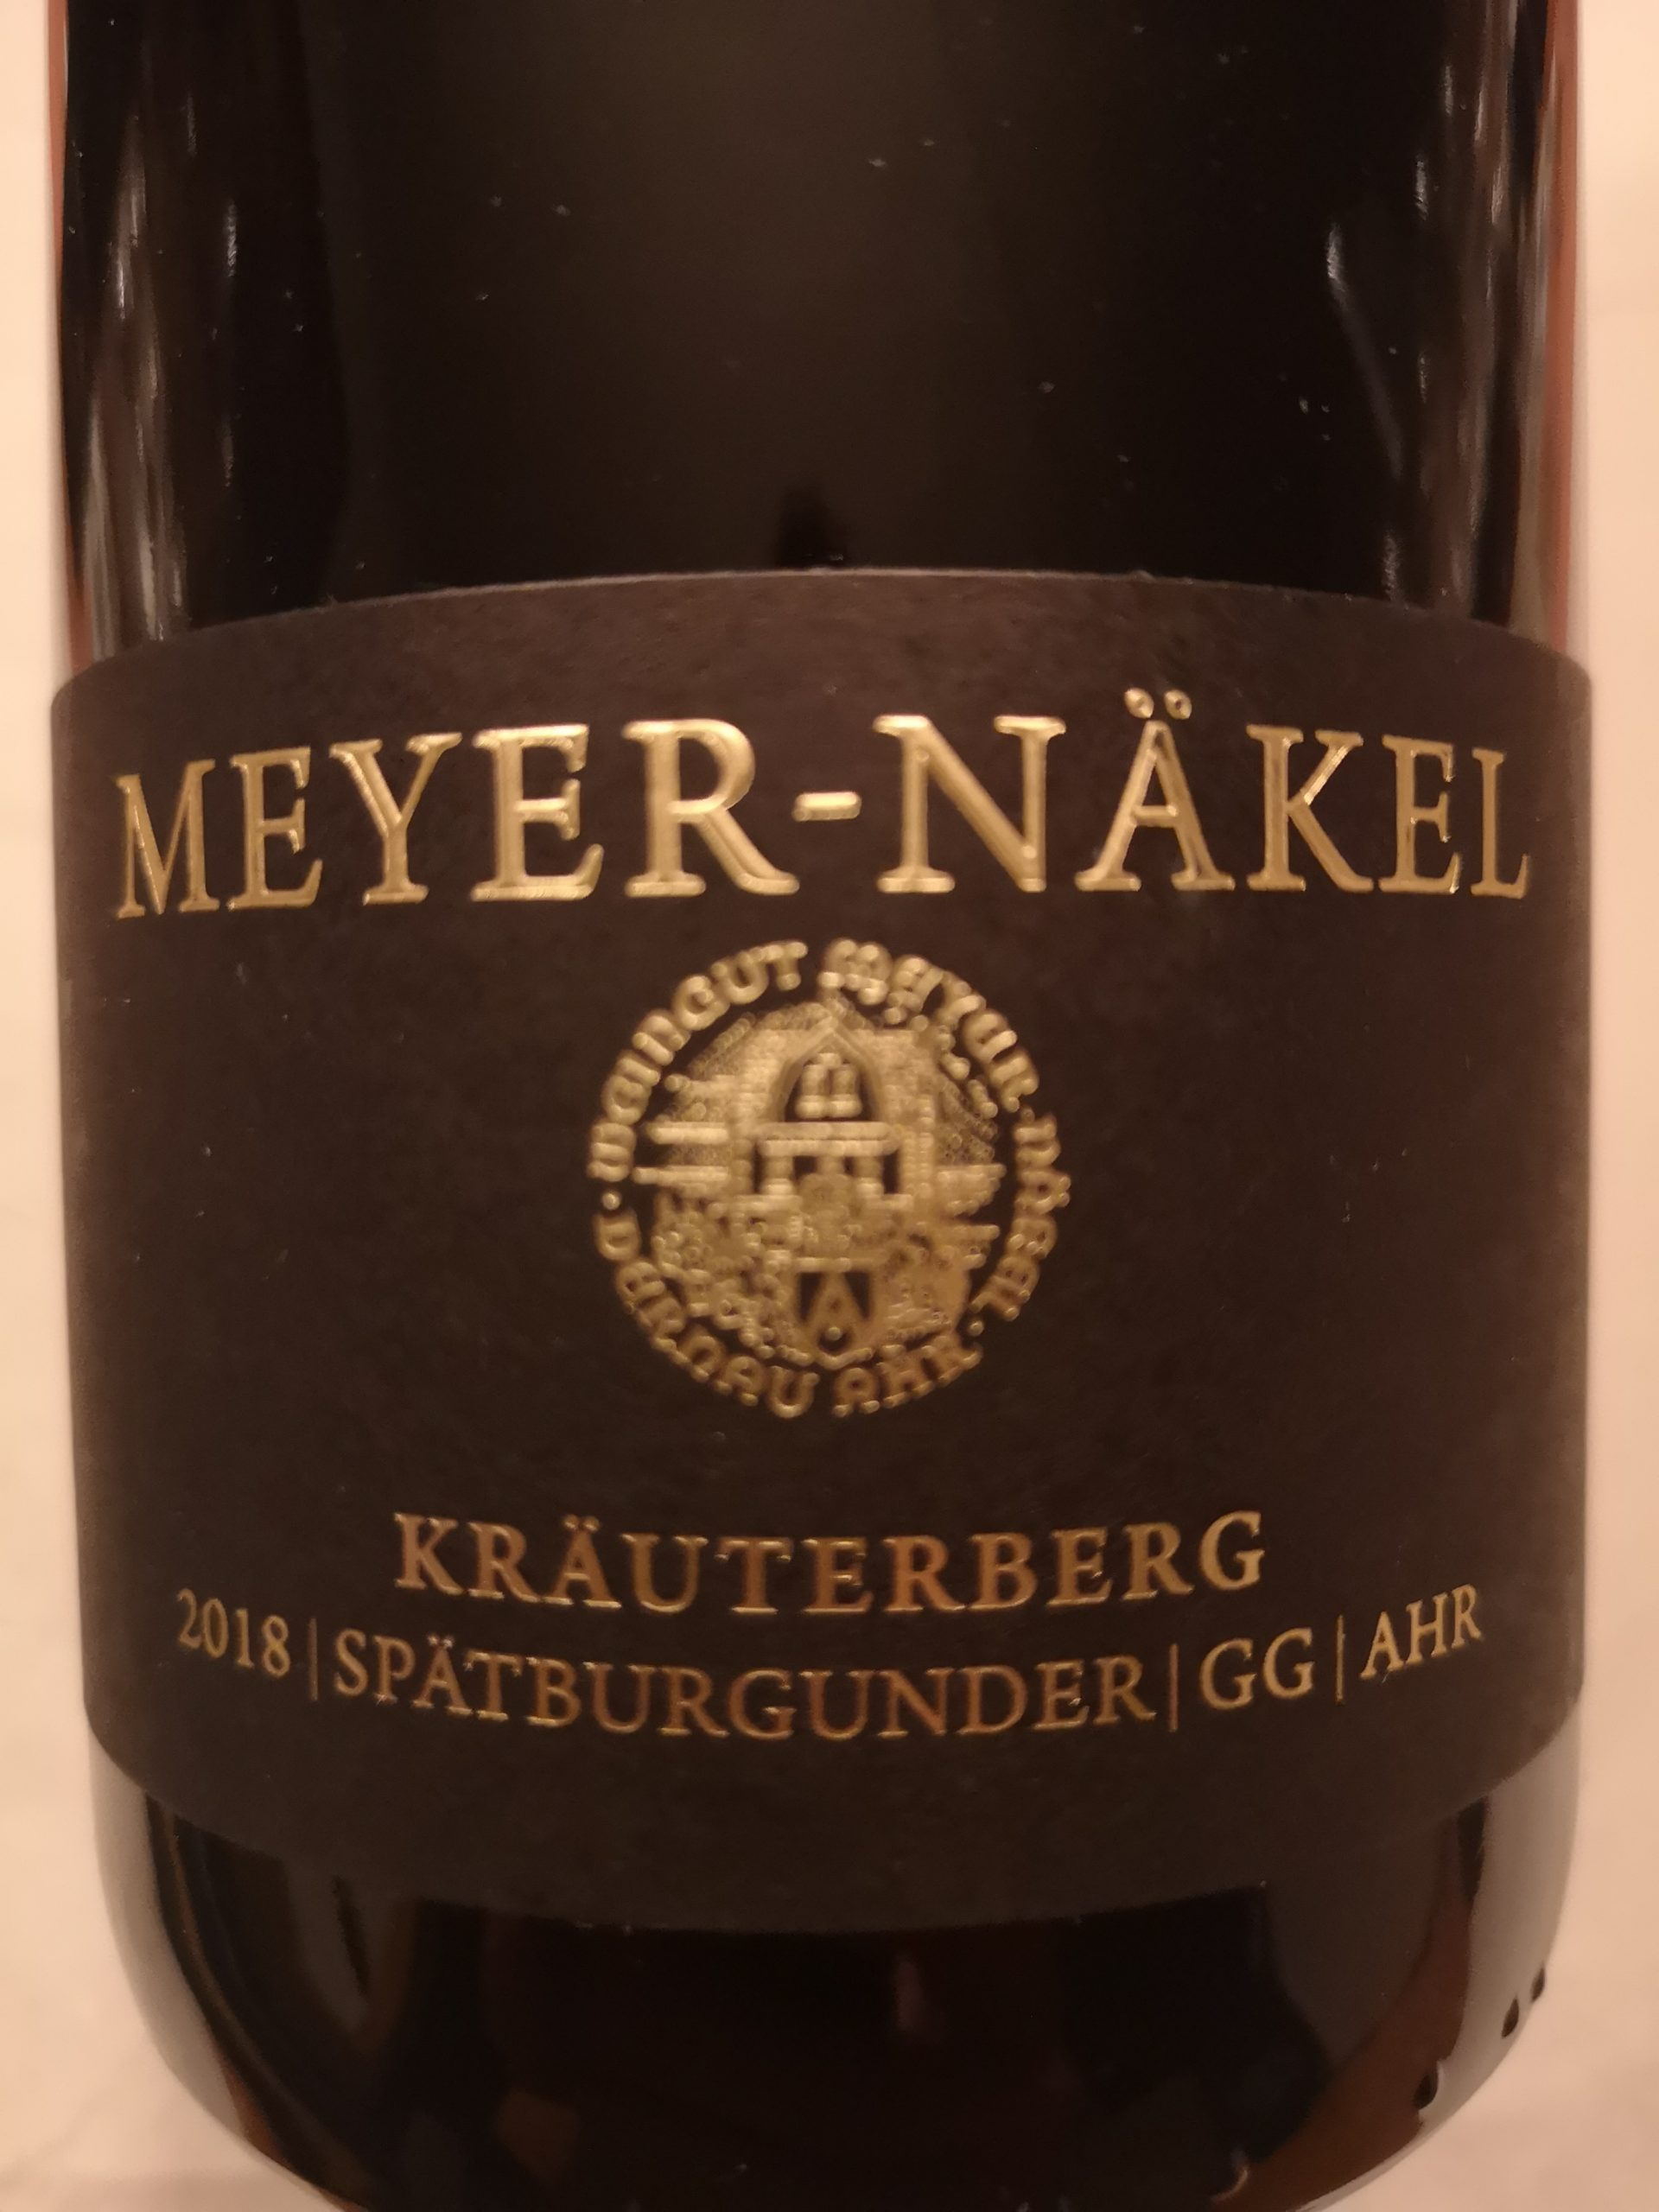 2018 Spätburgunder Walporzheimer Kräuterberg GG | Meyer-Näkel